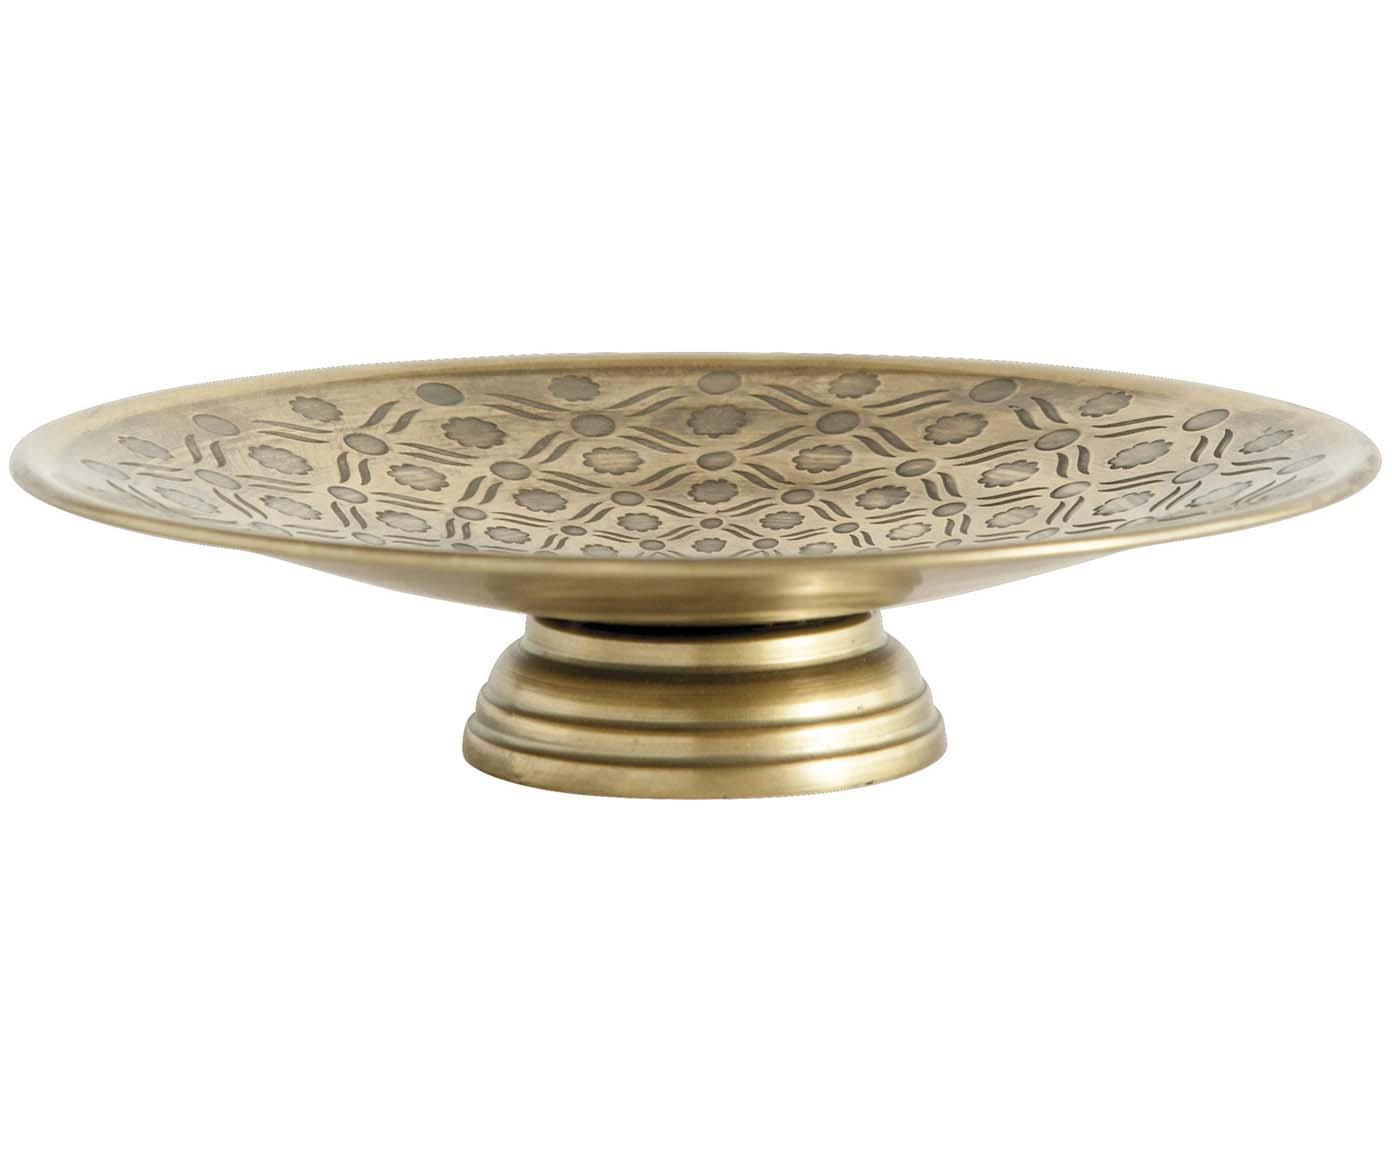 Taartplateau Theo, Gelakt metaal, Messingkleurig, Ø 27 x H 7 cm